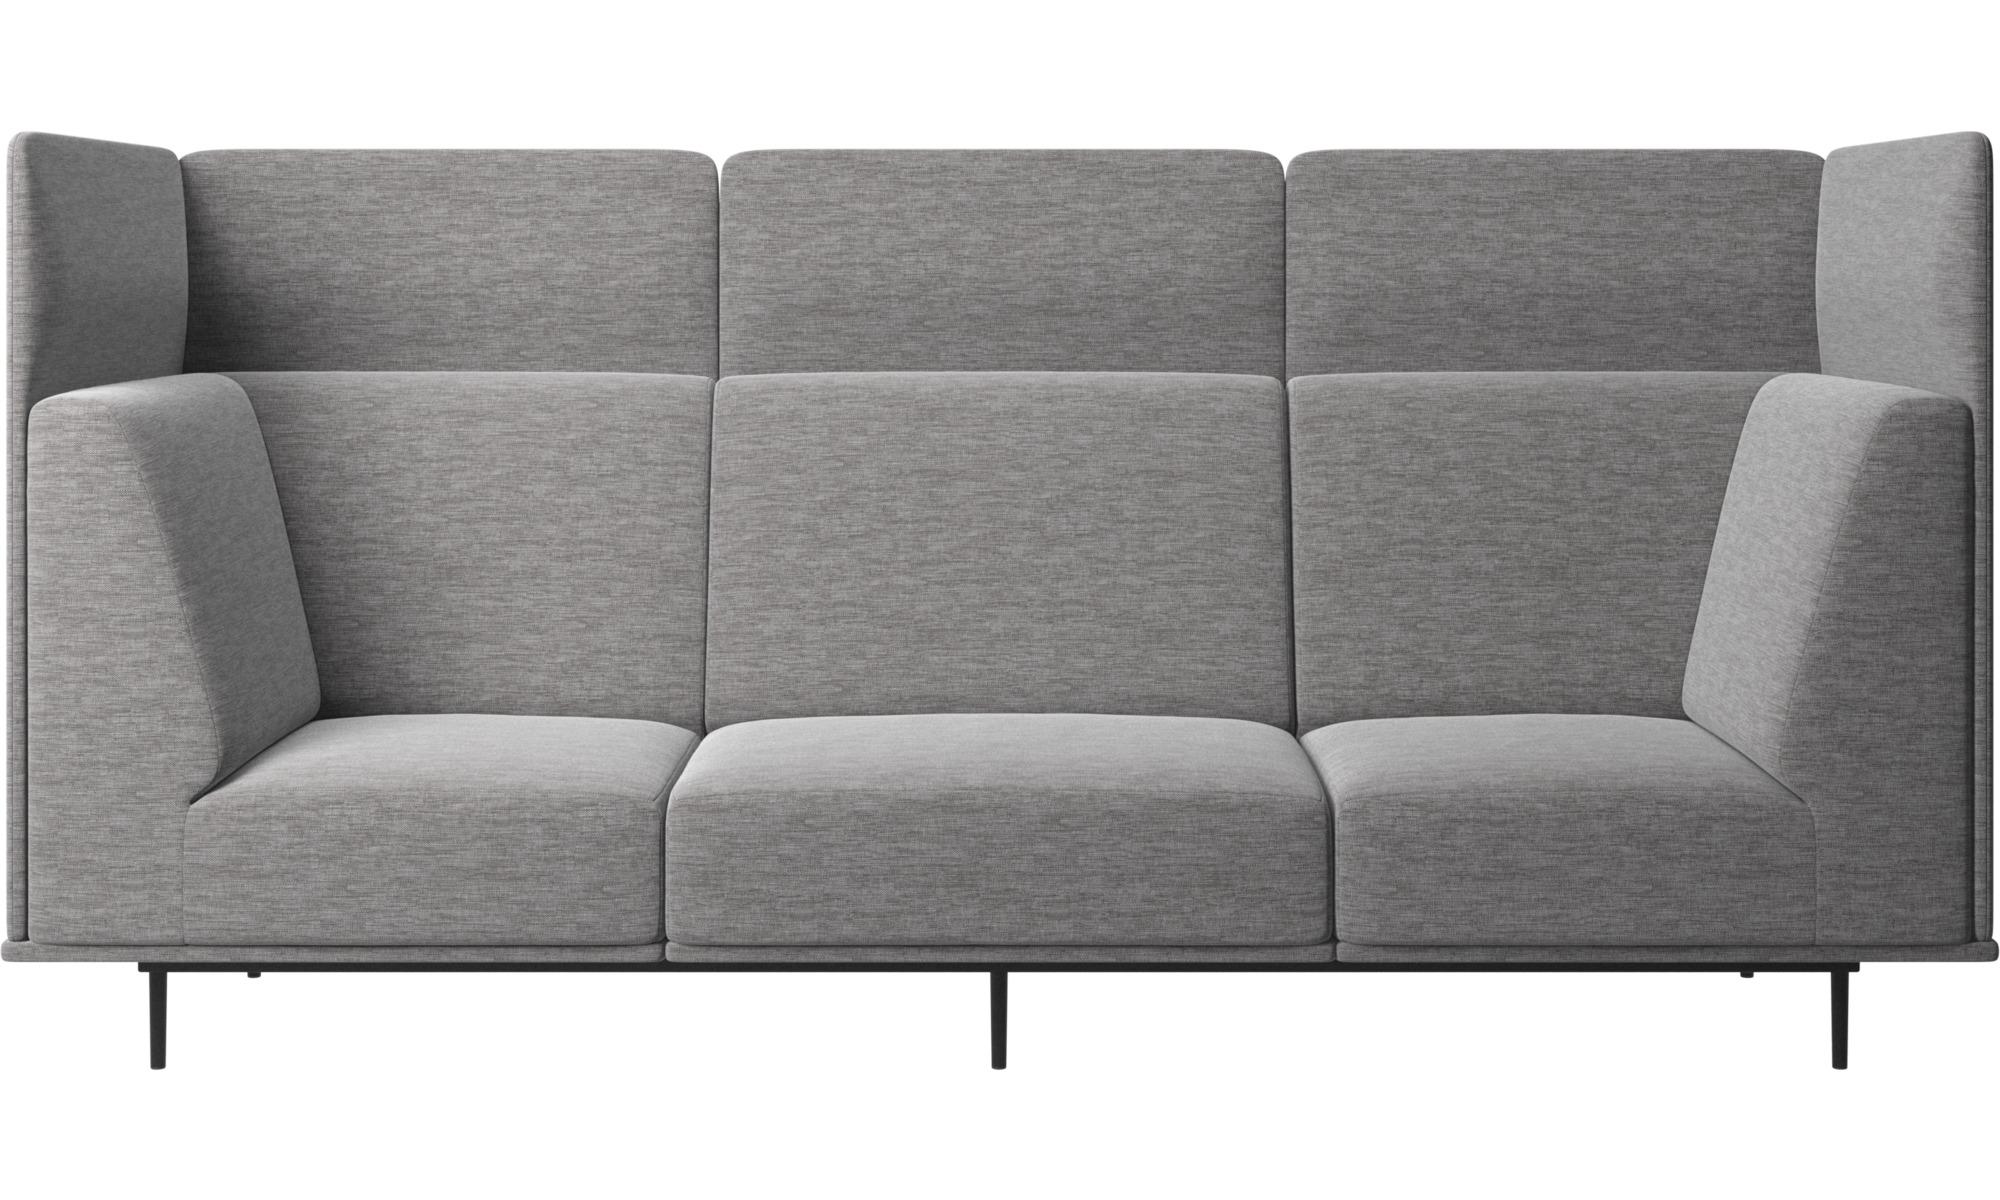 Modulære sofaer - Toulouse sofa - Grå - Stof